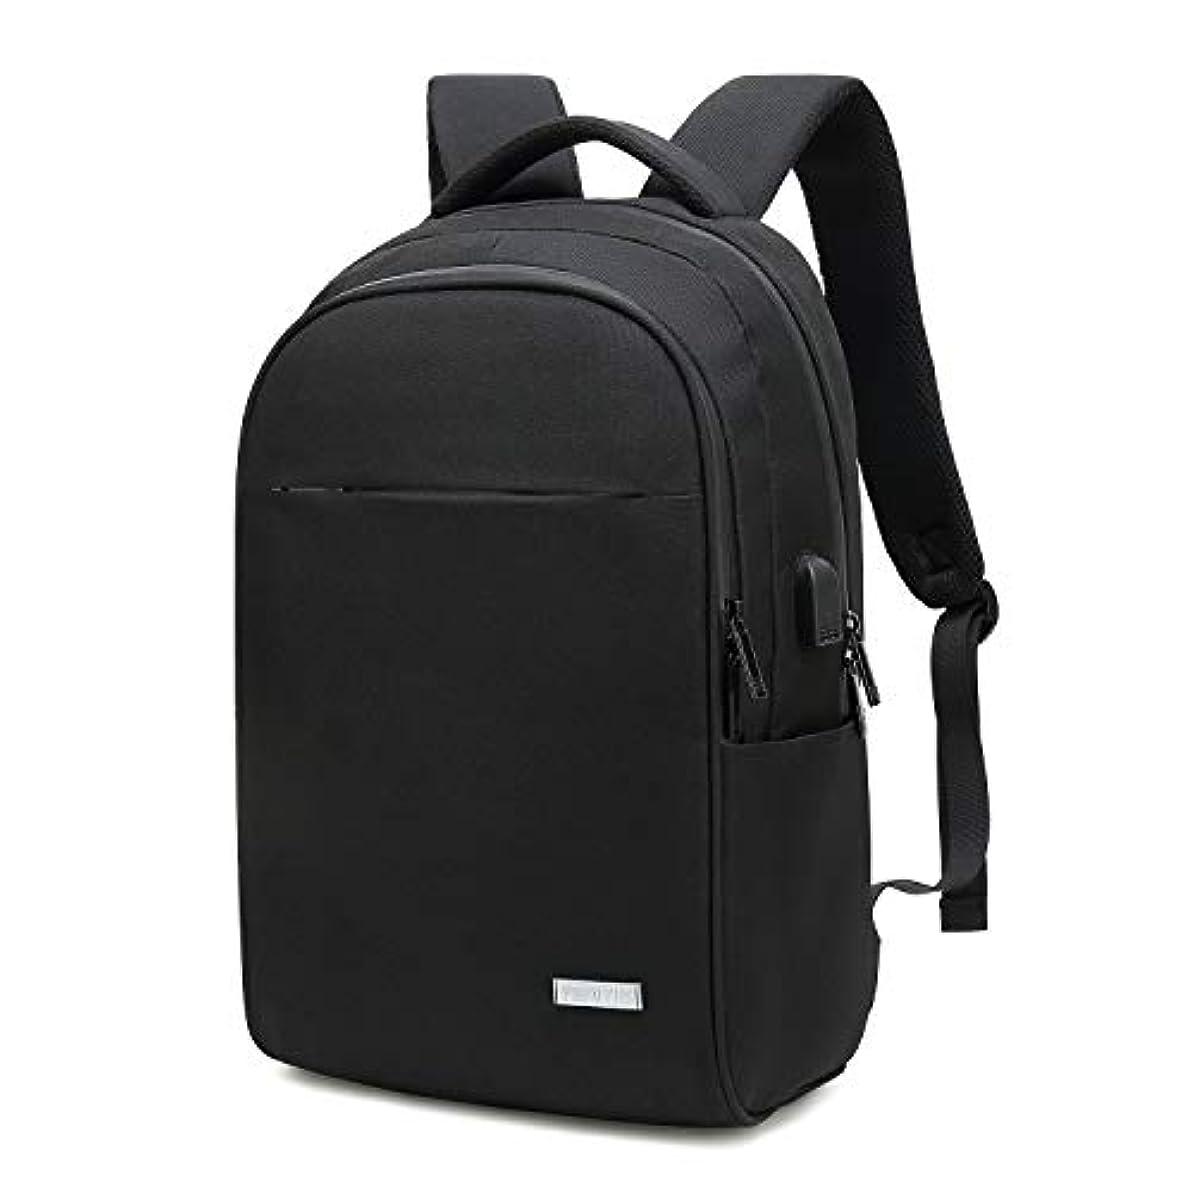 さわやか噂論文[プロミス] リュック メンズ バッグ 大容量なのにコンパクト 撥水加工 防犯ポケット USBポート付き